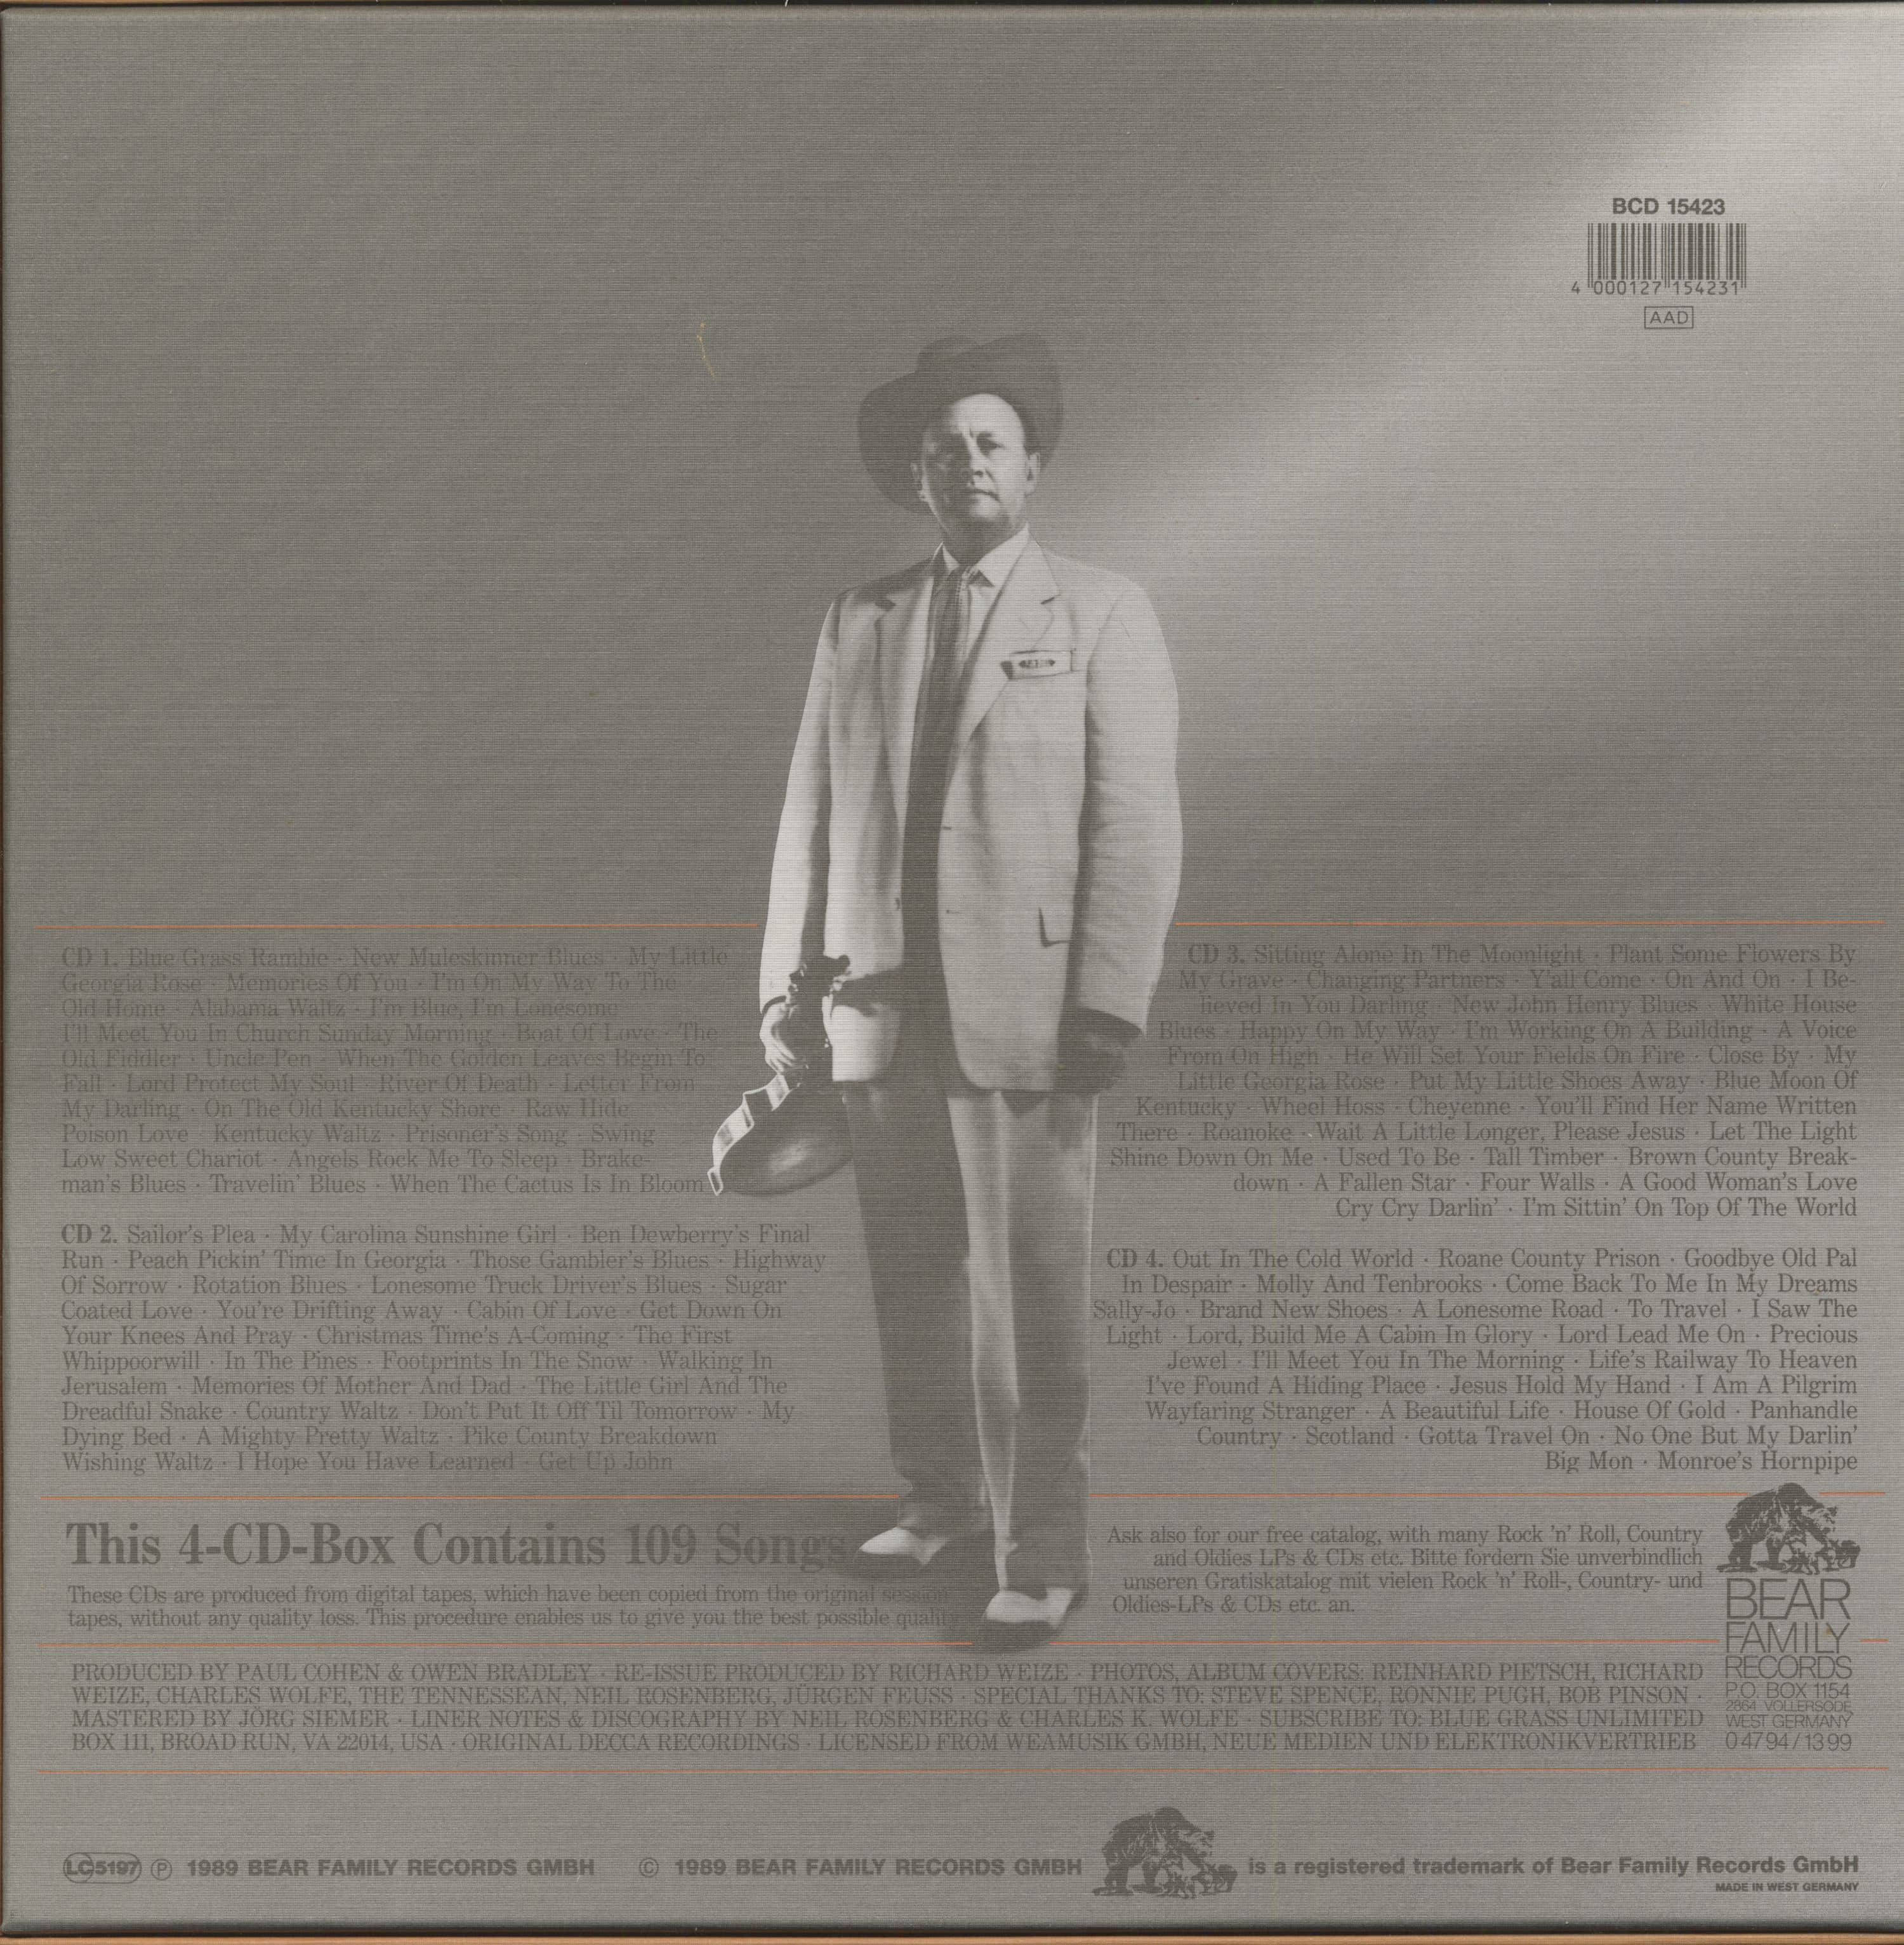 Bill Monroe Blue Grass 1950-1958 (4-CD)